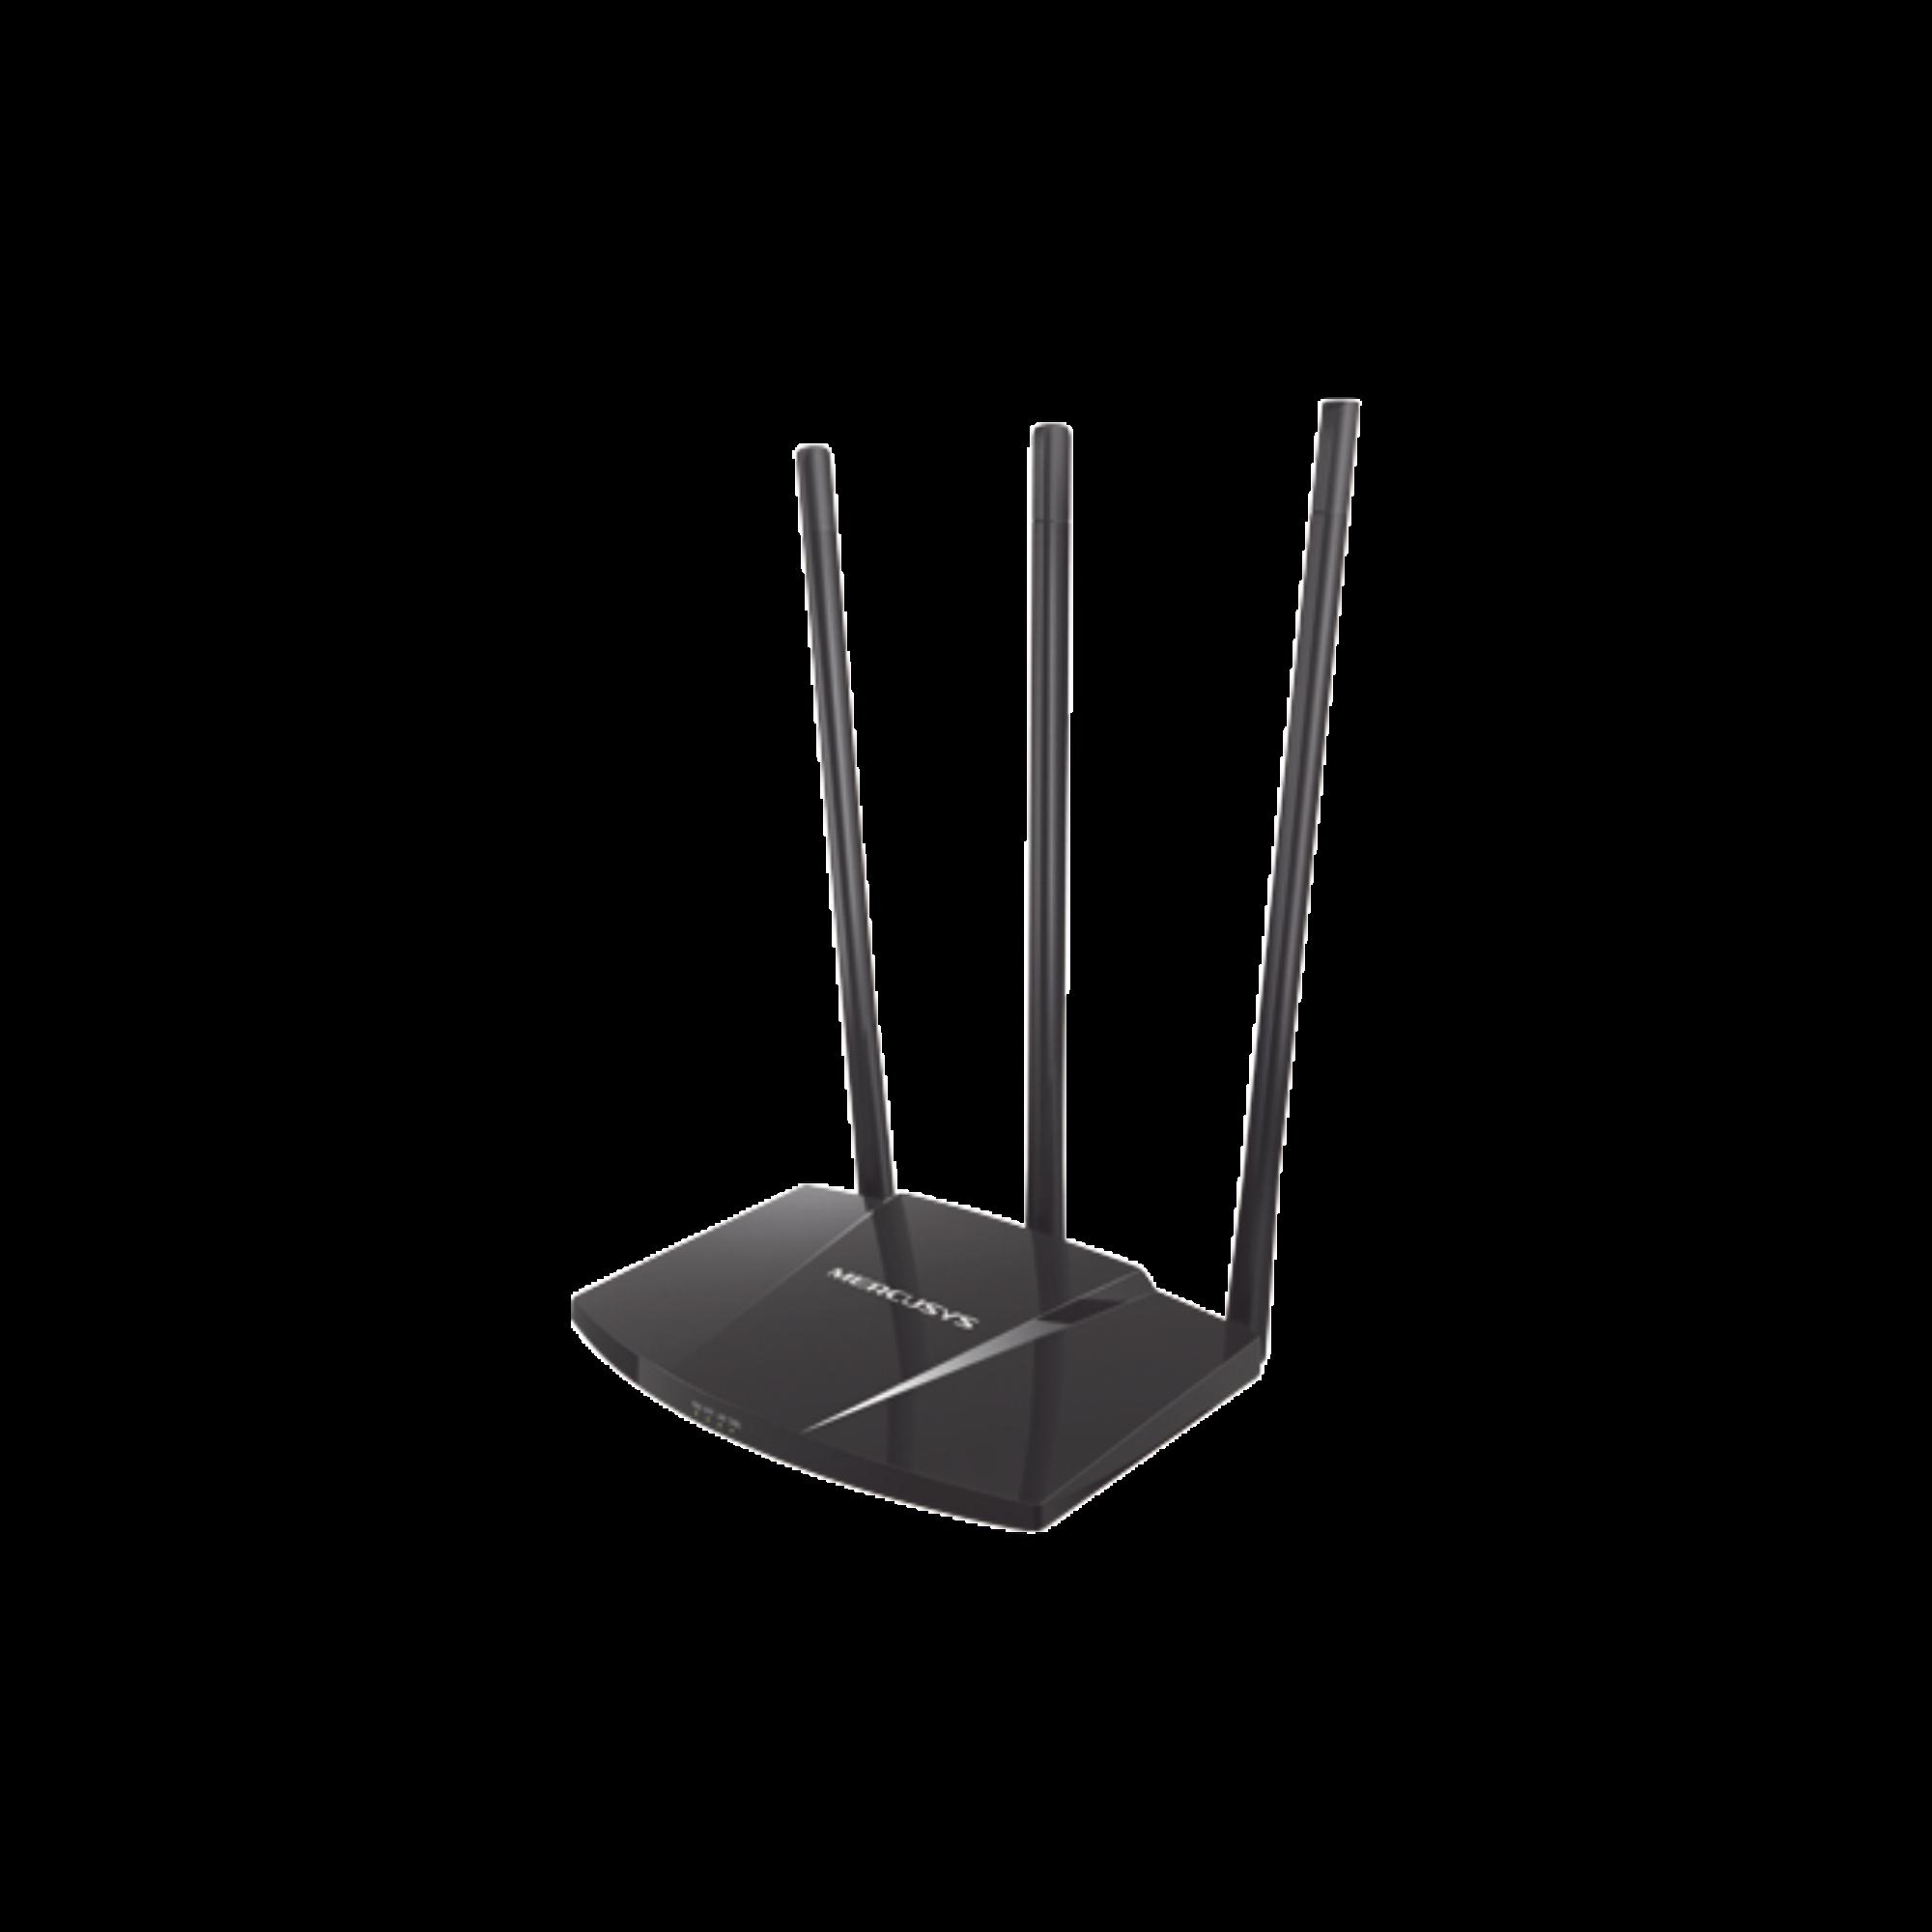 Router de alta potencia 300 Mbps 1 Puerto WAN 10/100 y 3 Puertos LAN 10/100